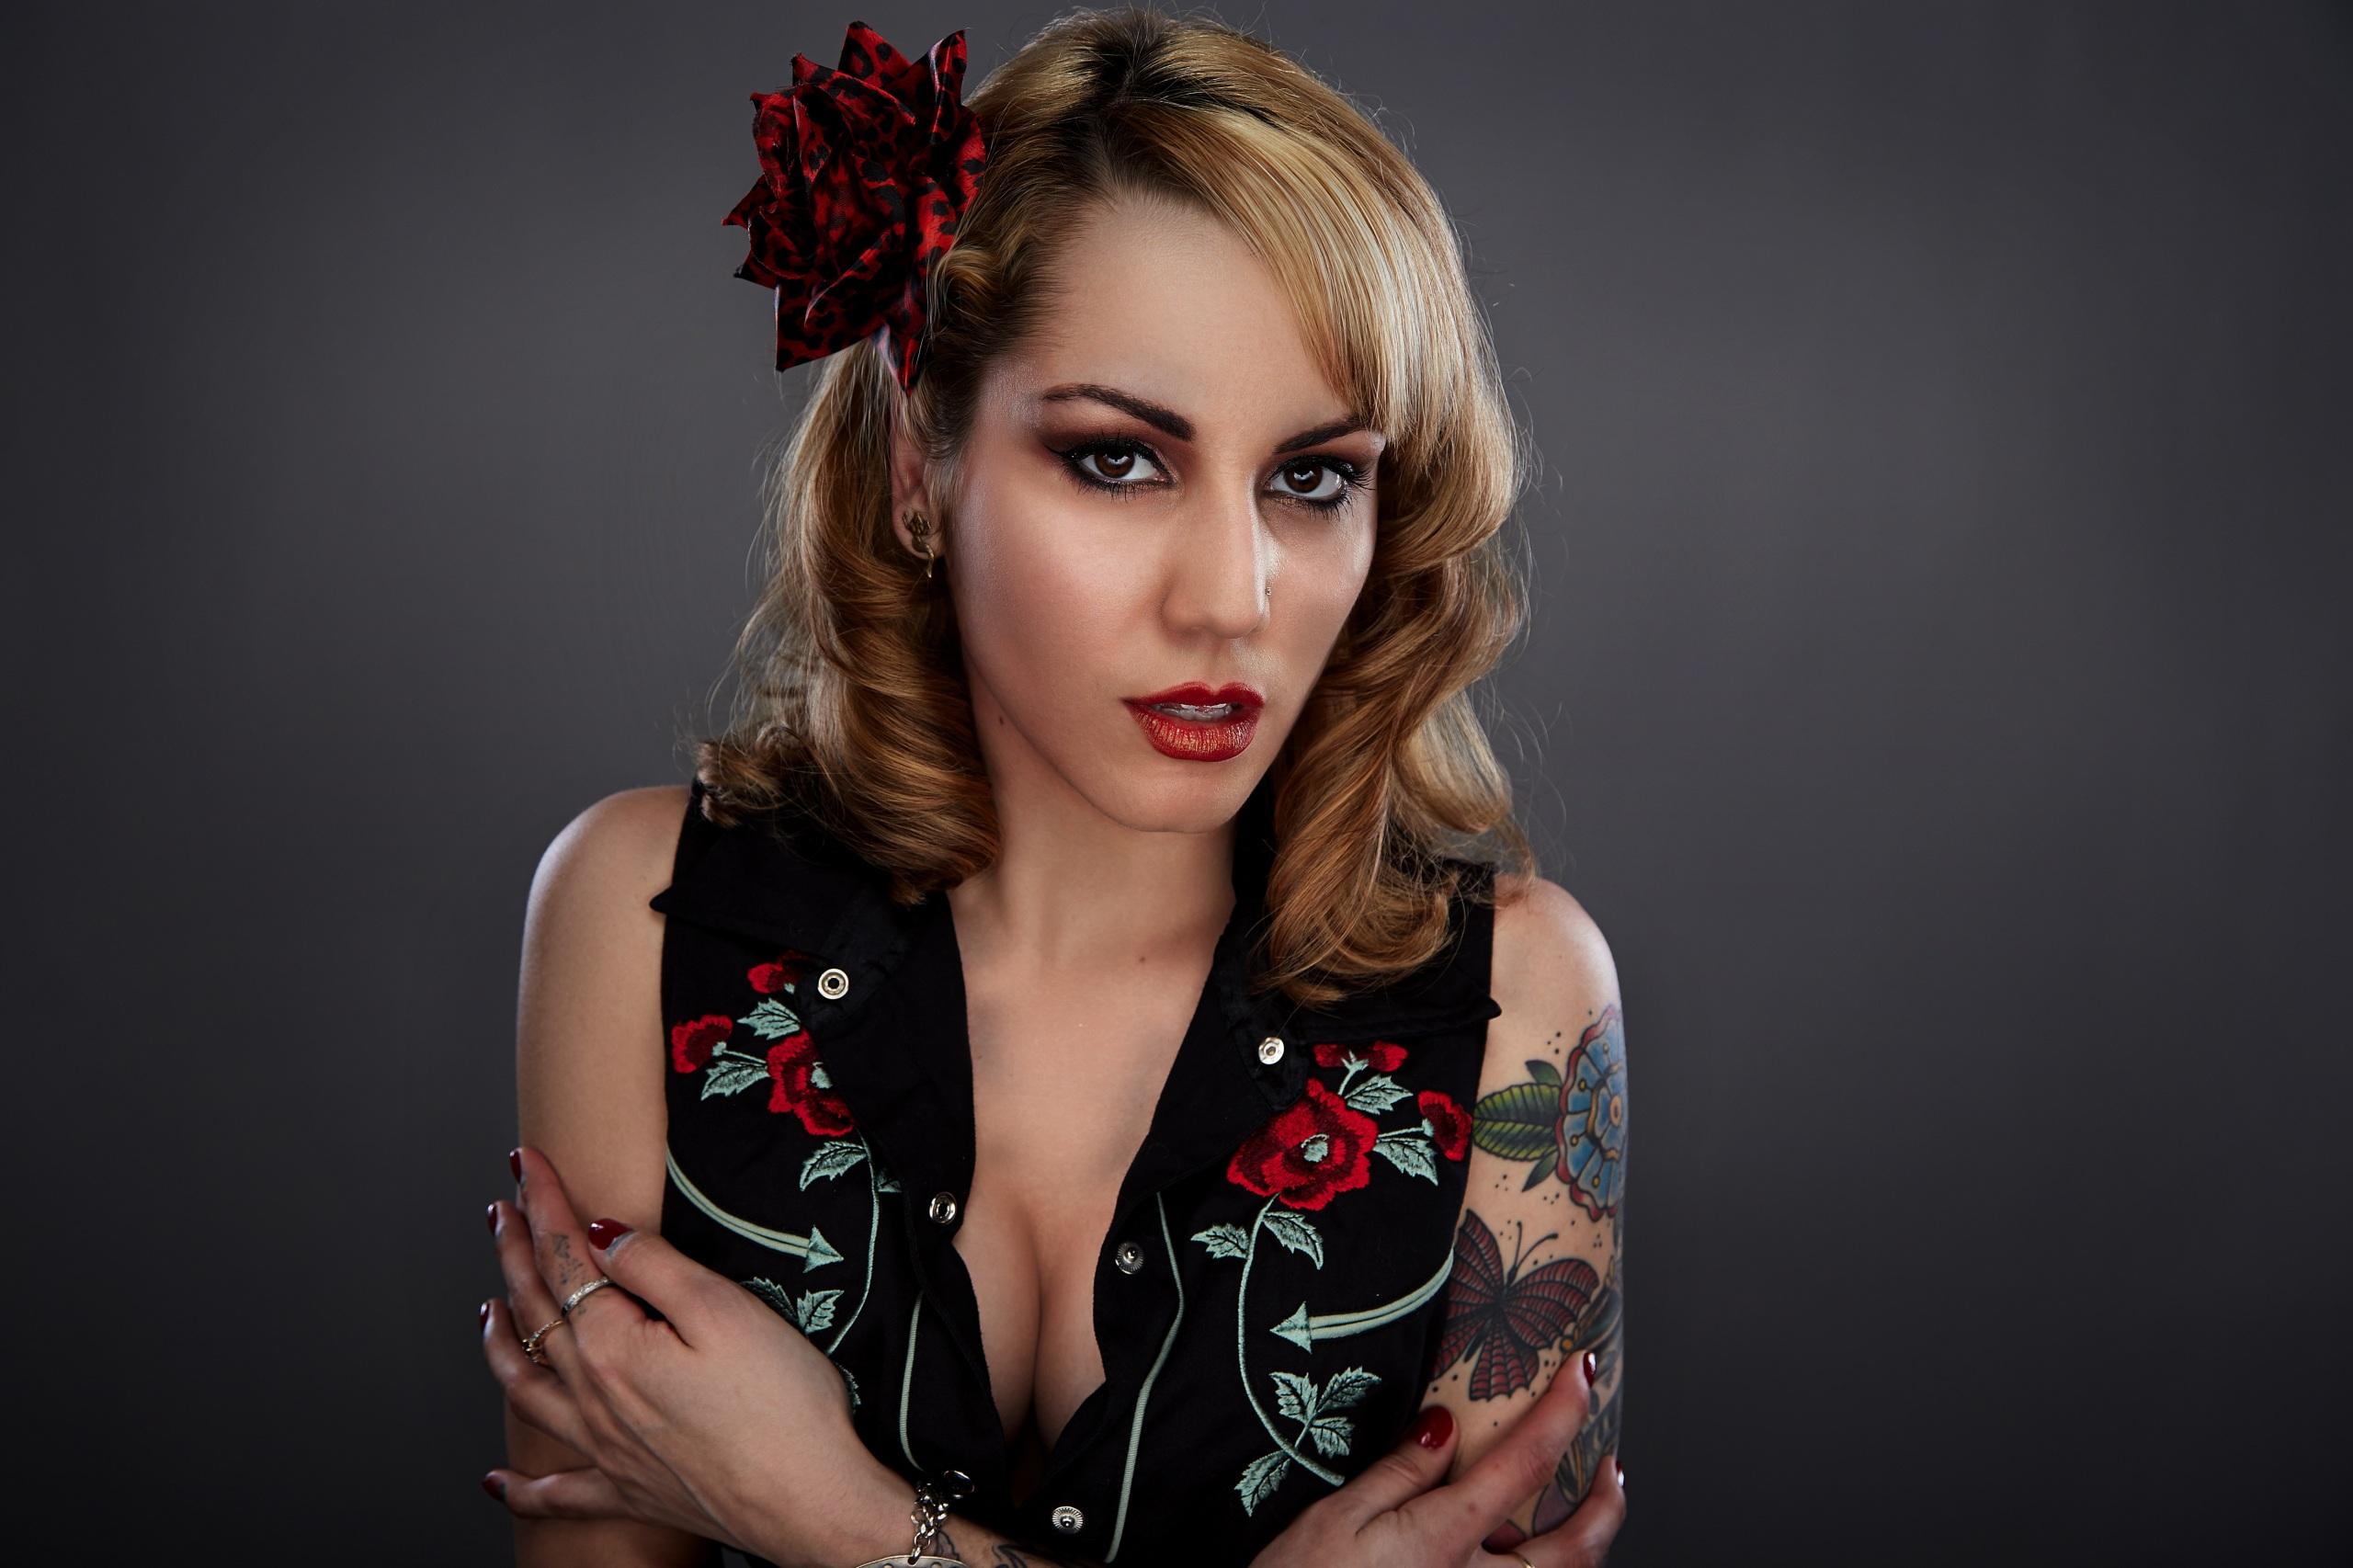 Обои Татуировки Макияж Девушки Руки Взгляд Серый фон 2560x1706 тату мейкап смотрит